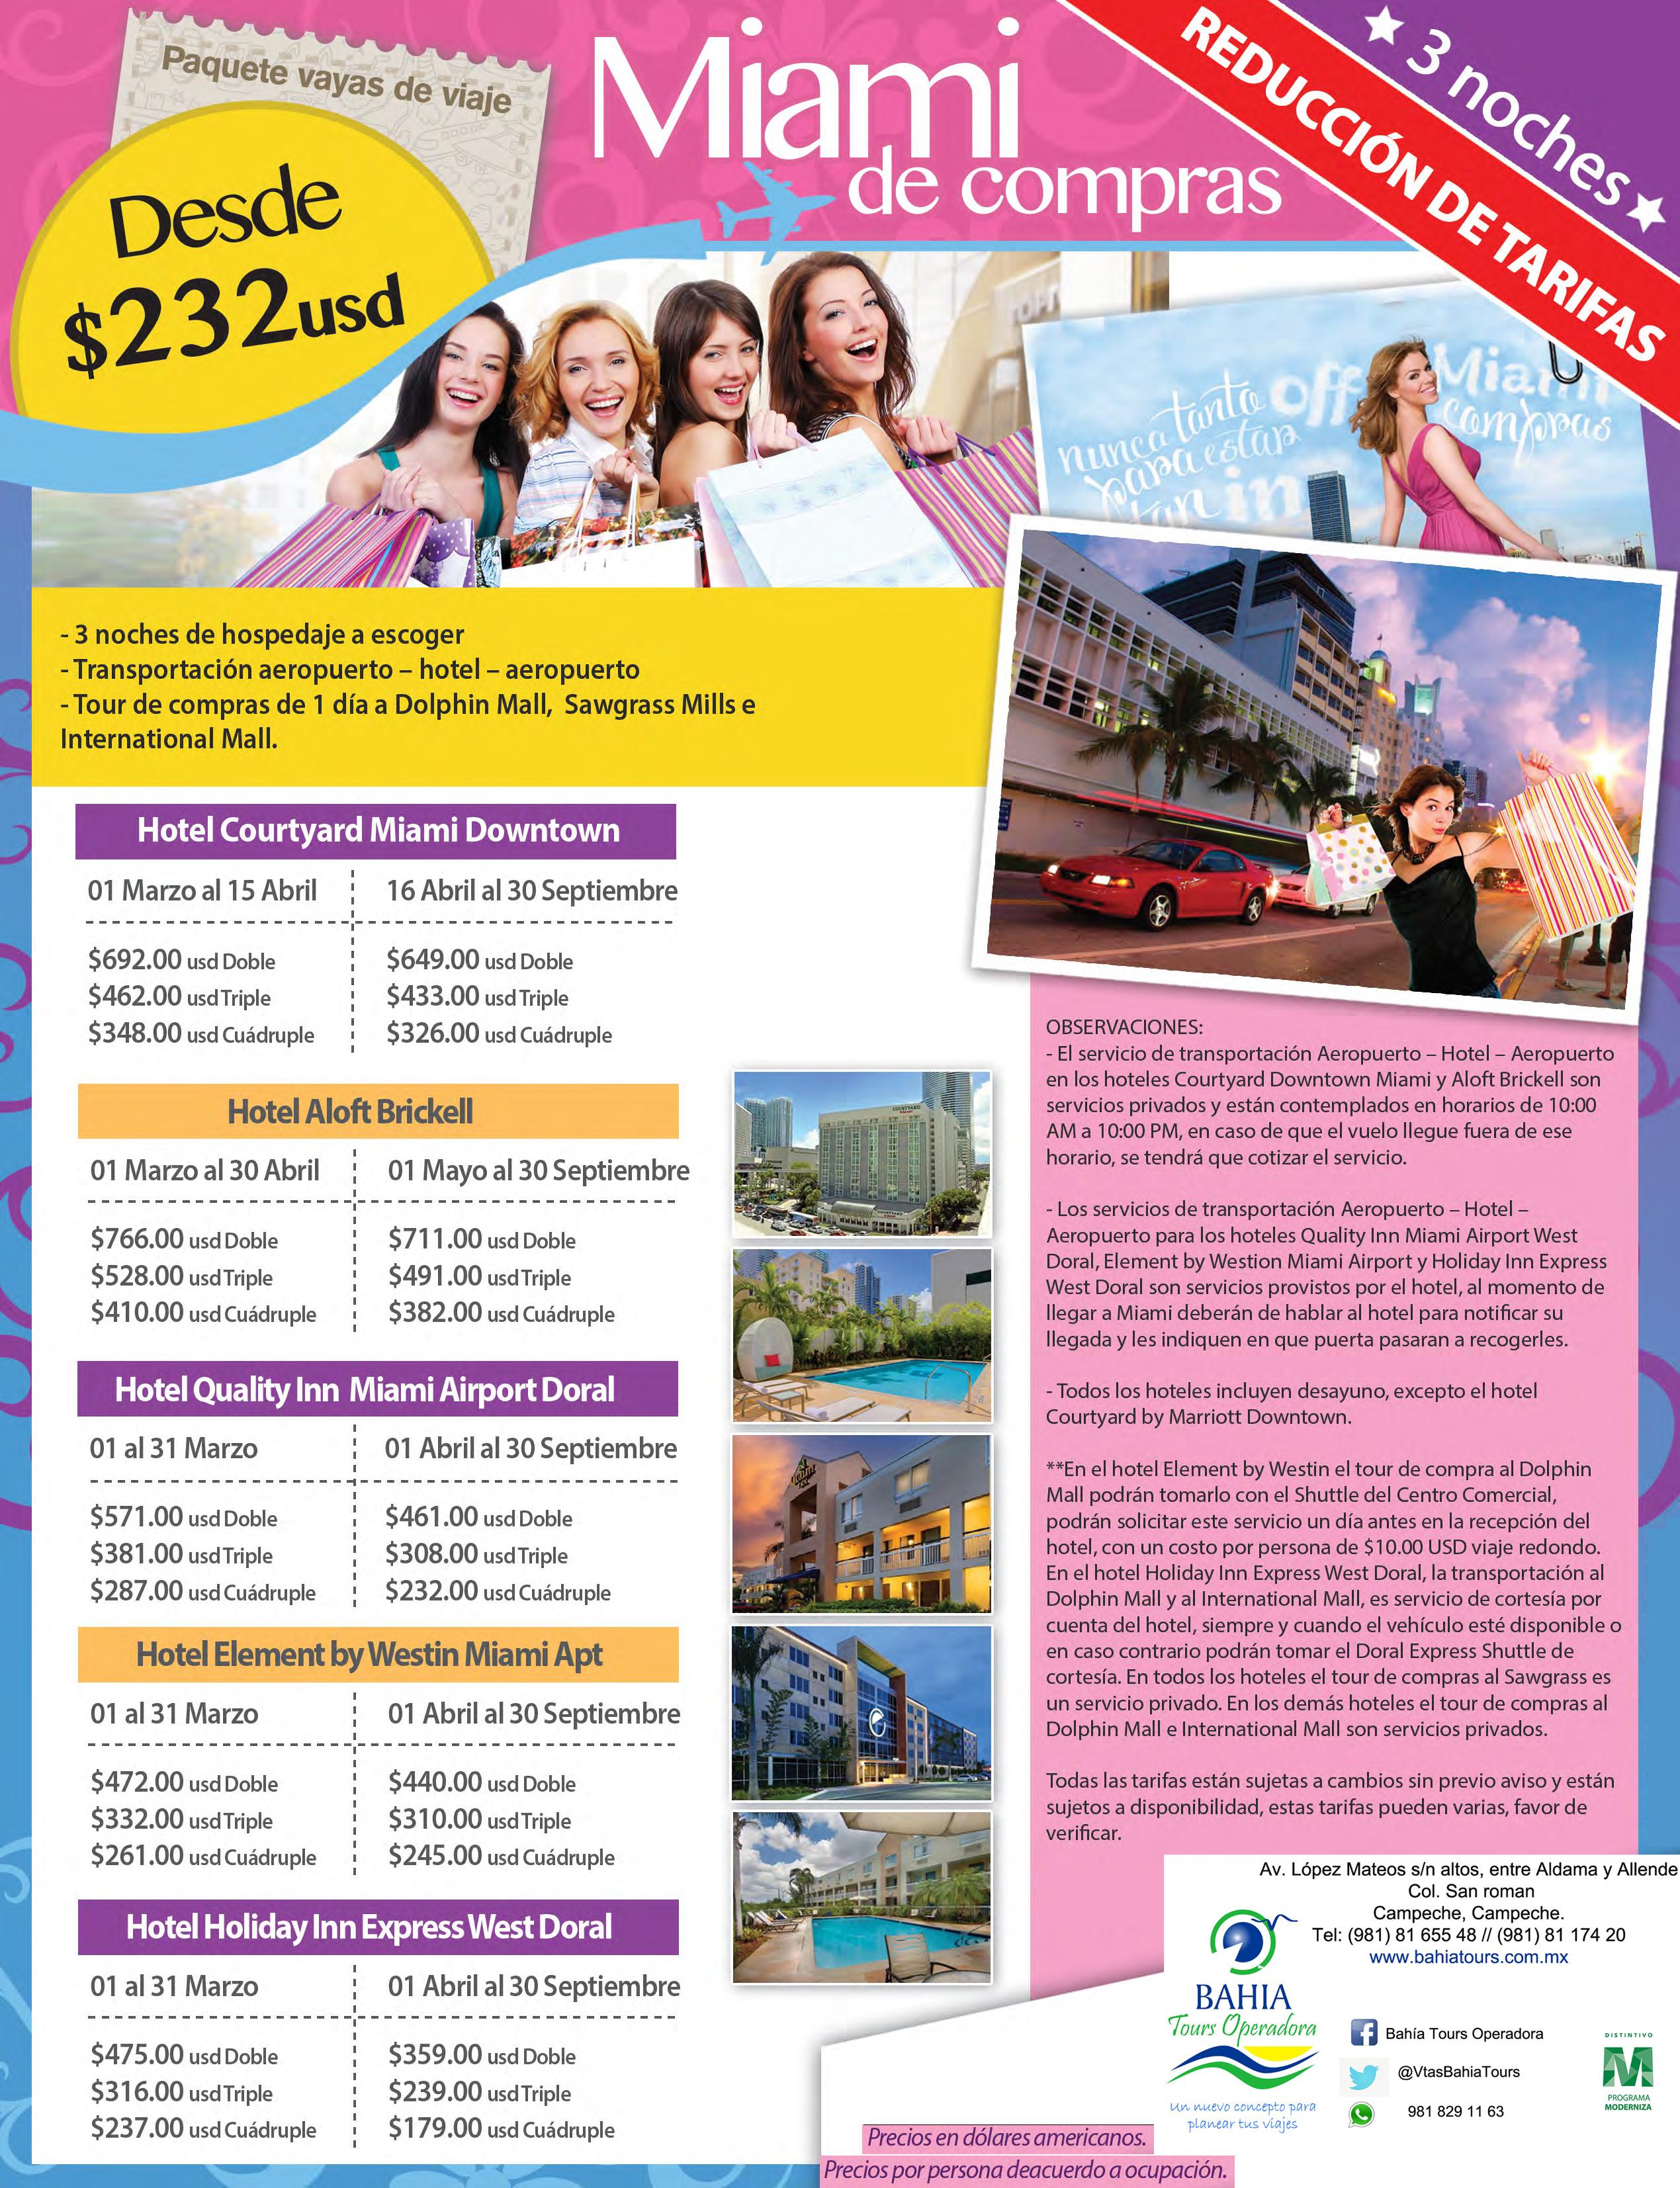 Miami de Compras